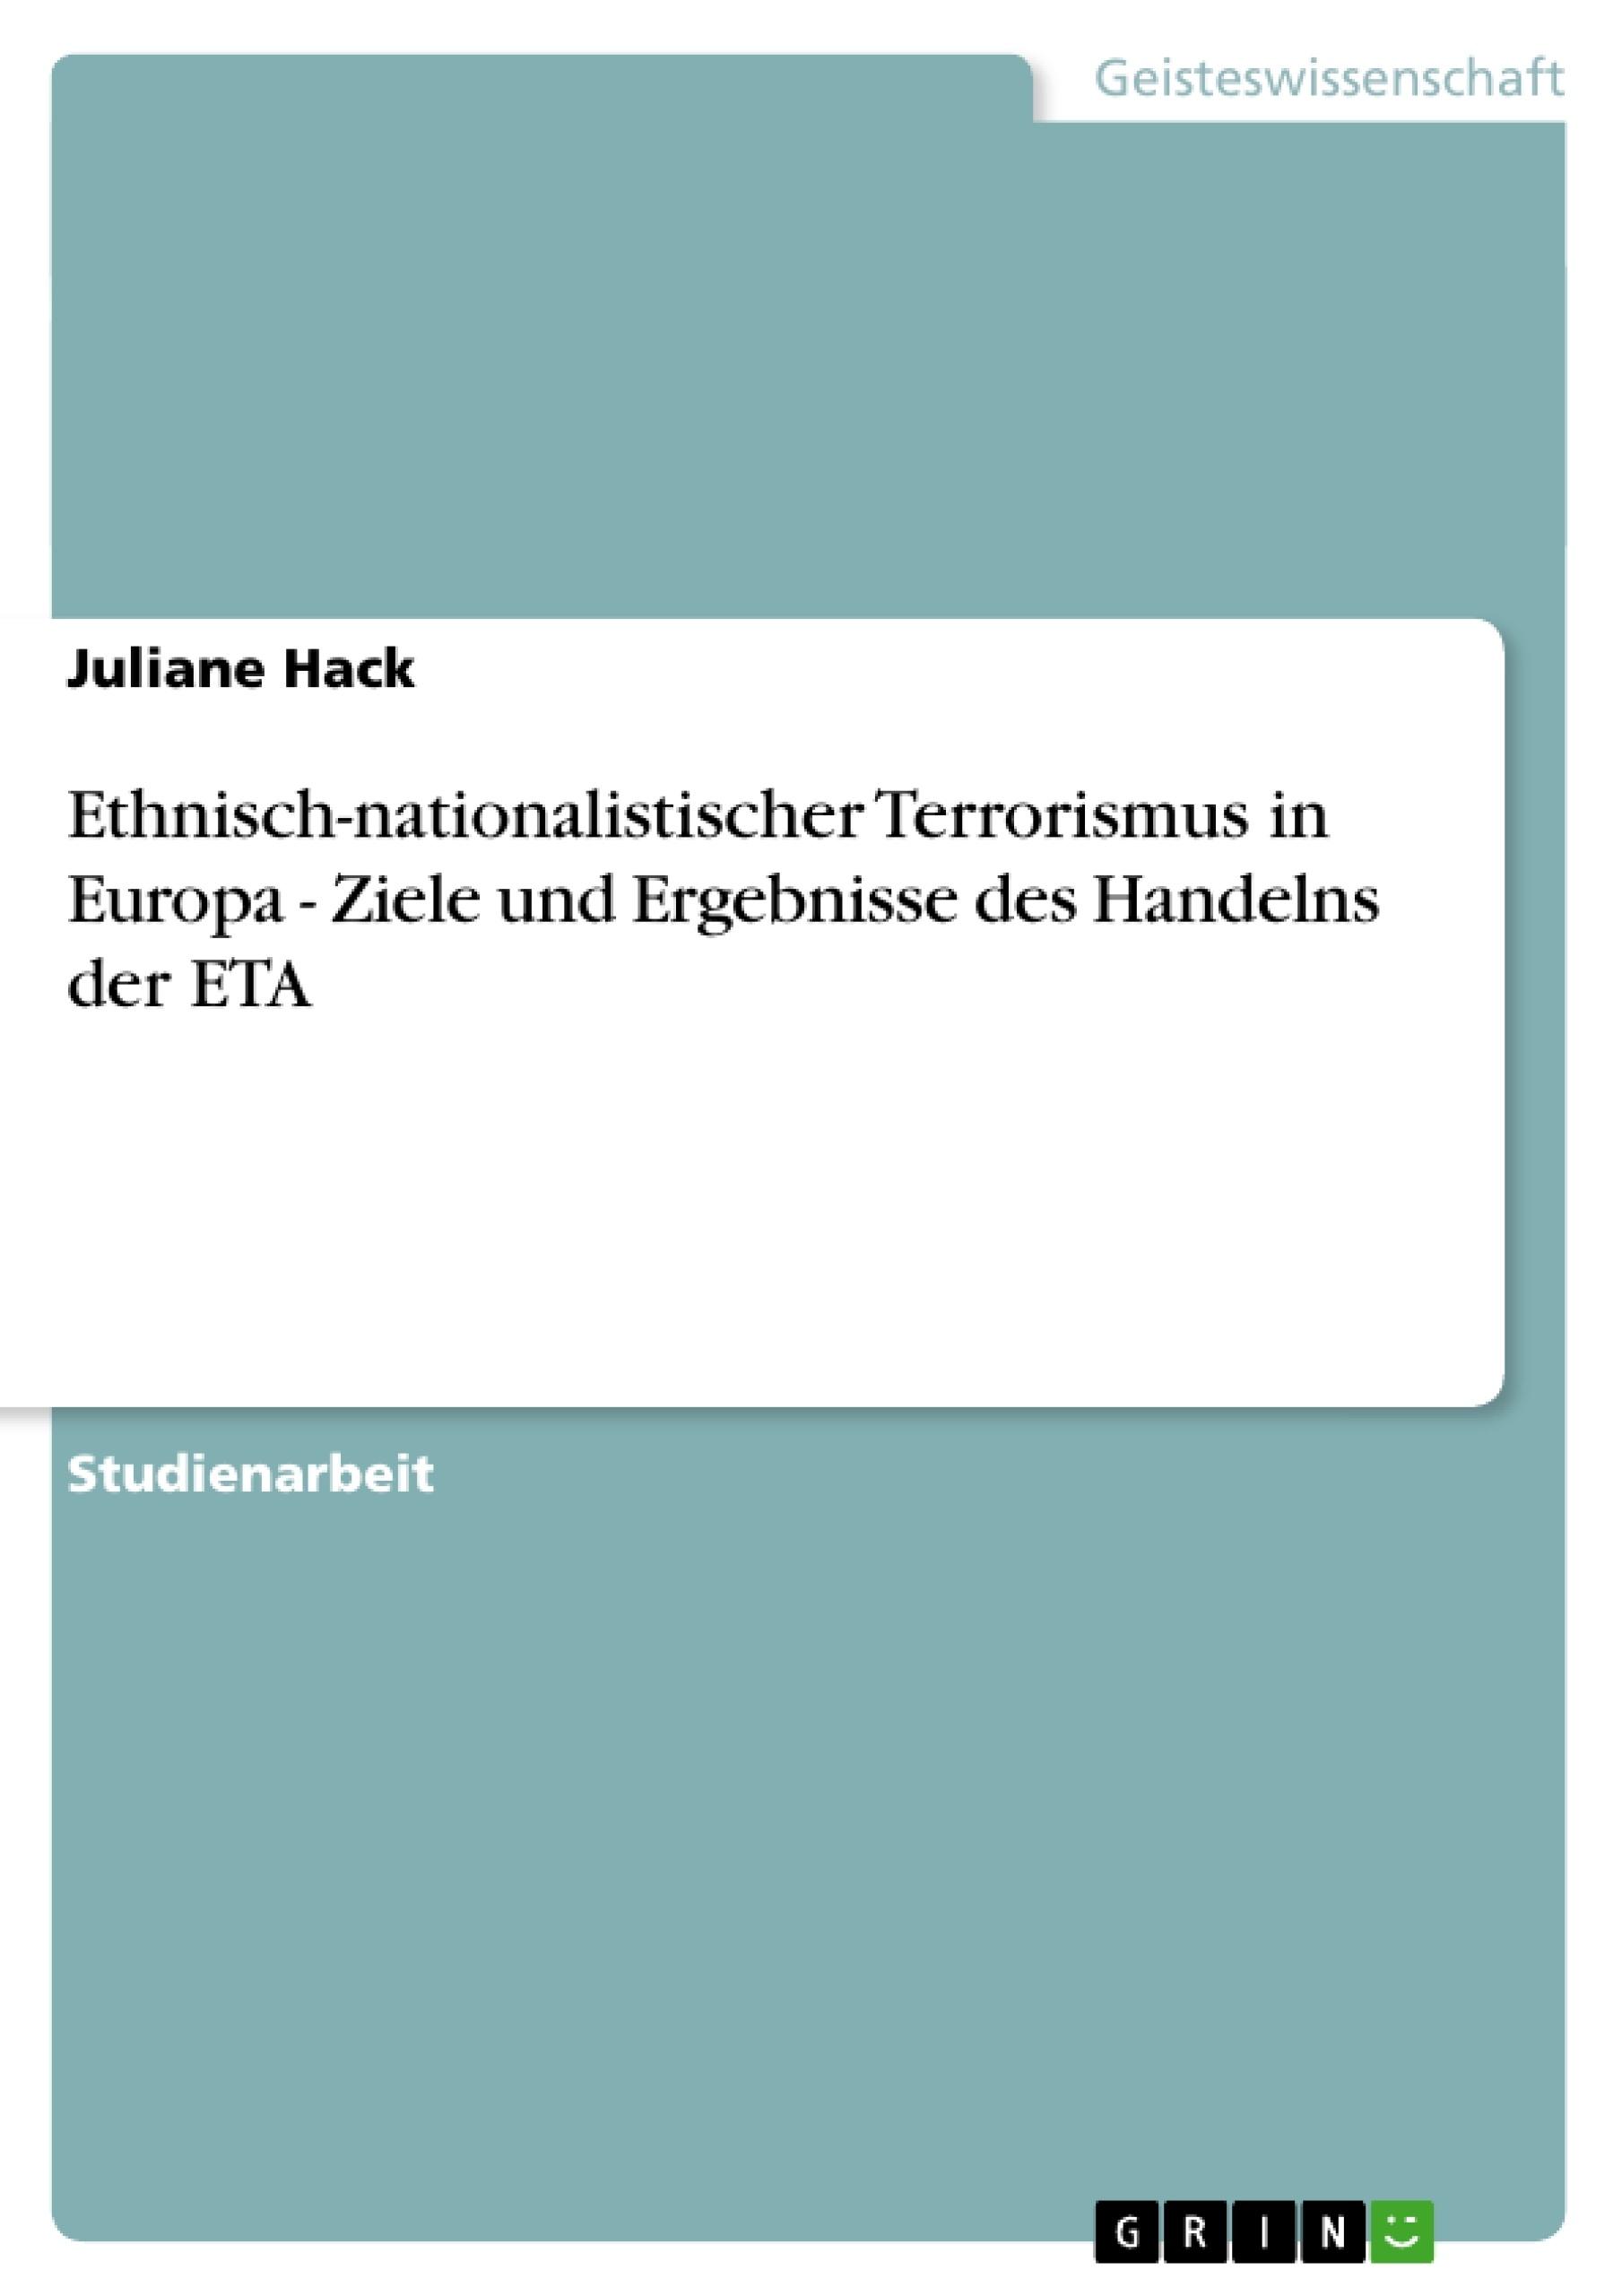 Titel: Ethnisch-nationalistischer Terrorismus in Europa - Ziele und Ergebnisse des Handelns der ETA